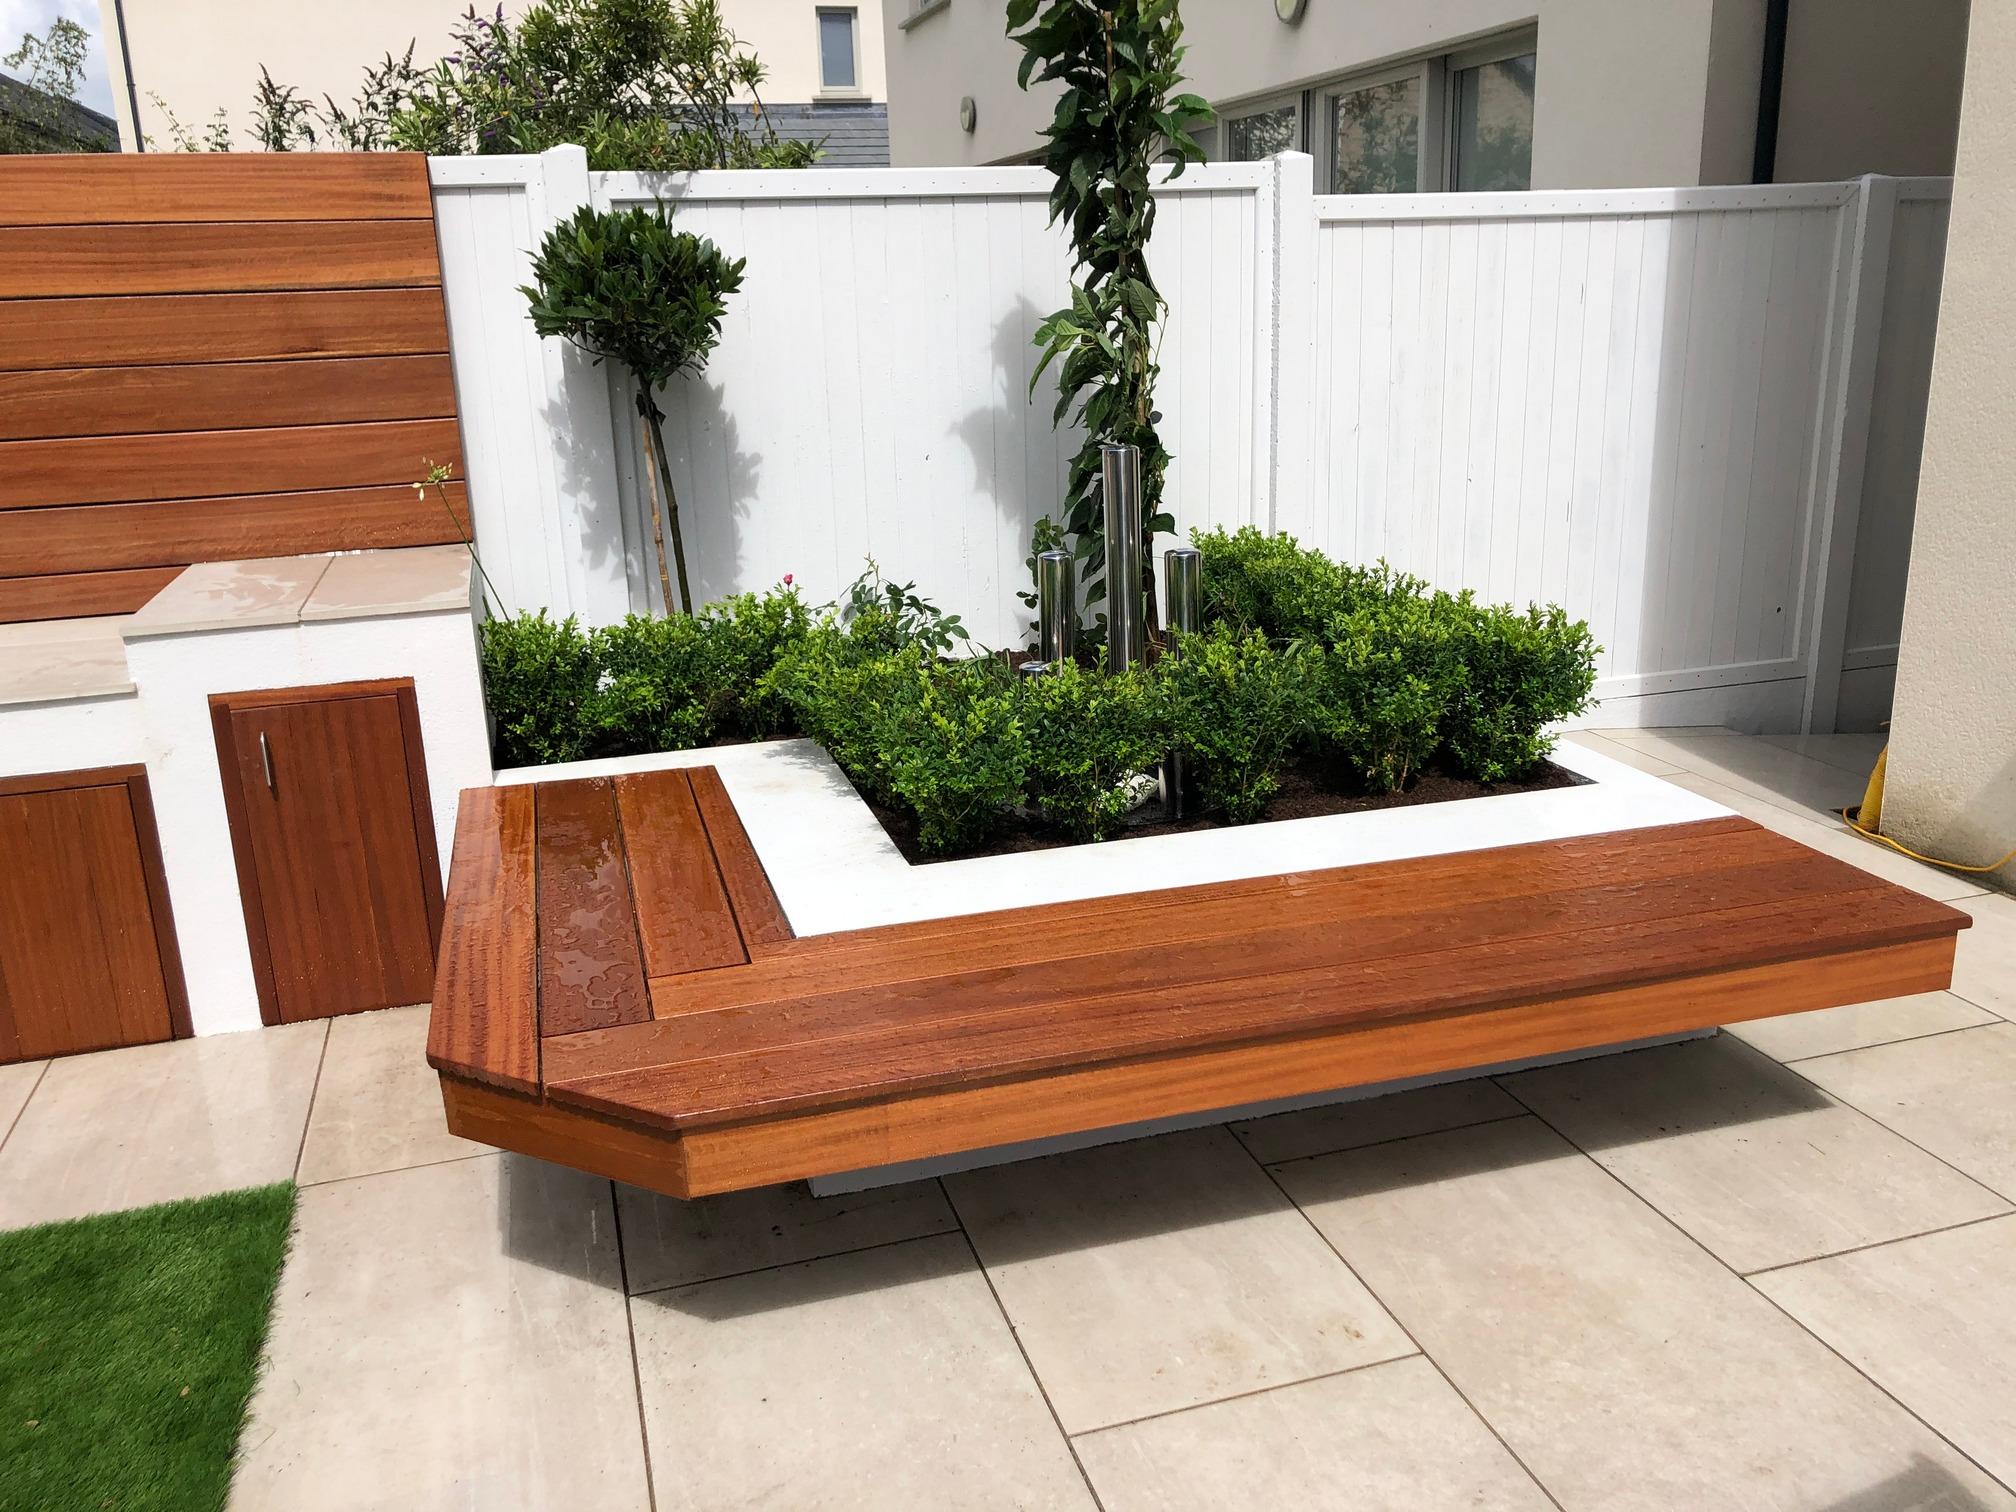 Built in Garden Bench